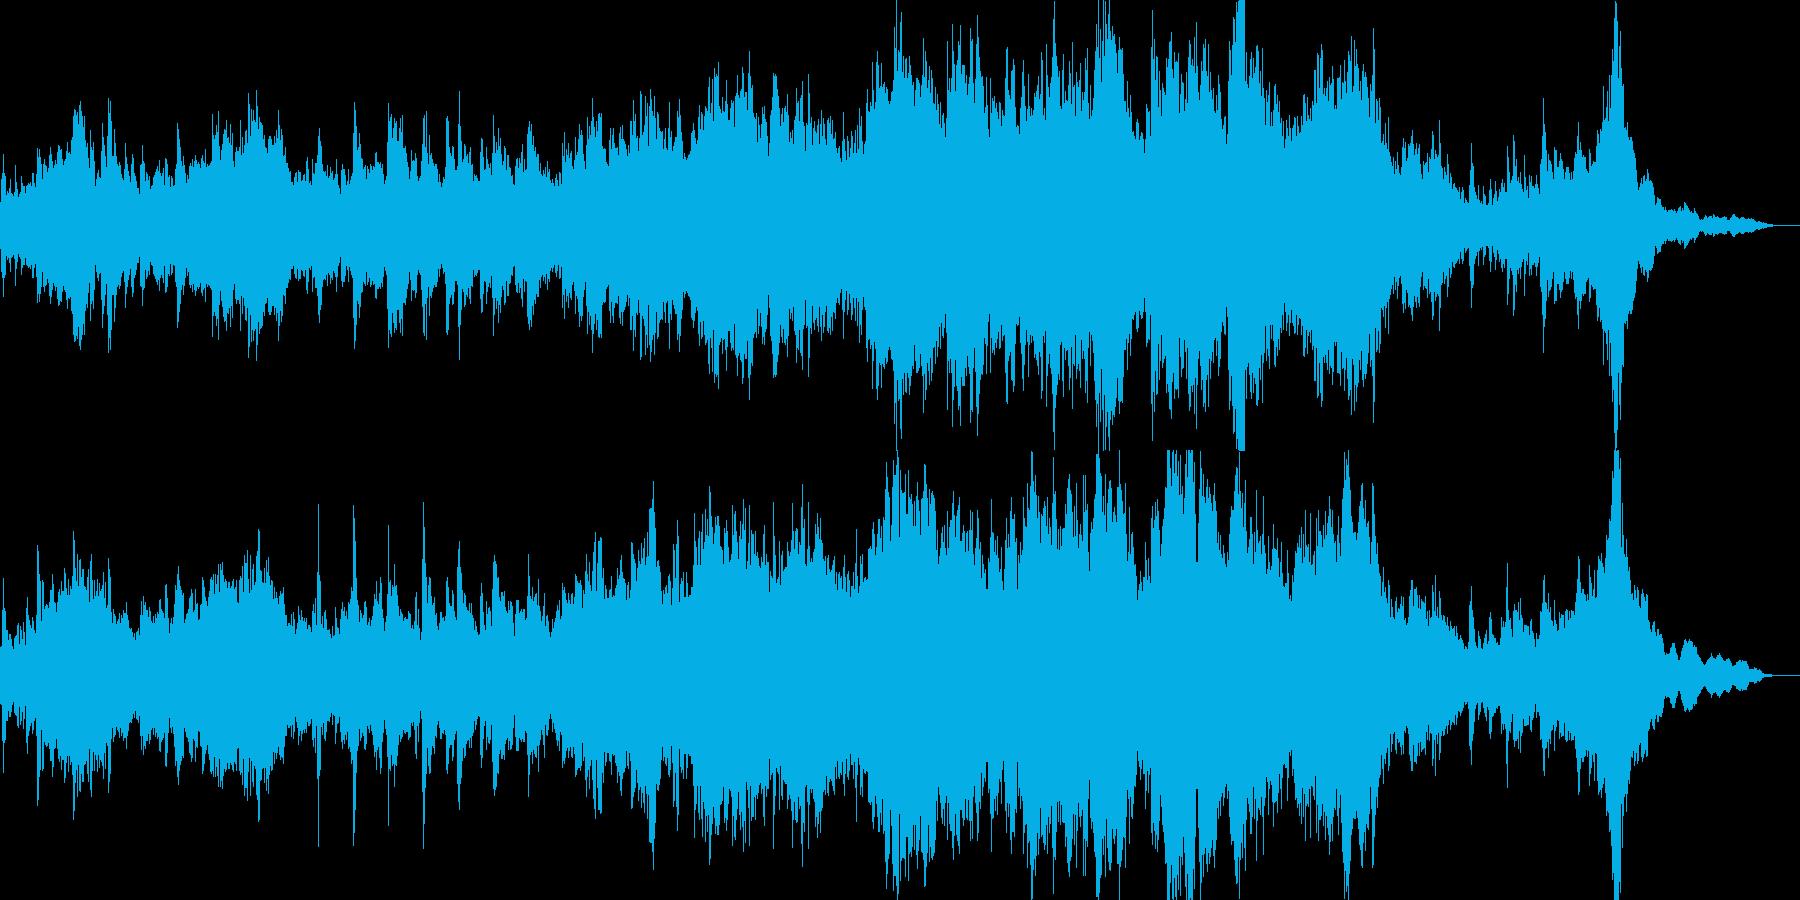 和風なピアノとストリングスのBGMの再生済みの波形